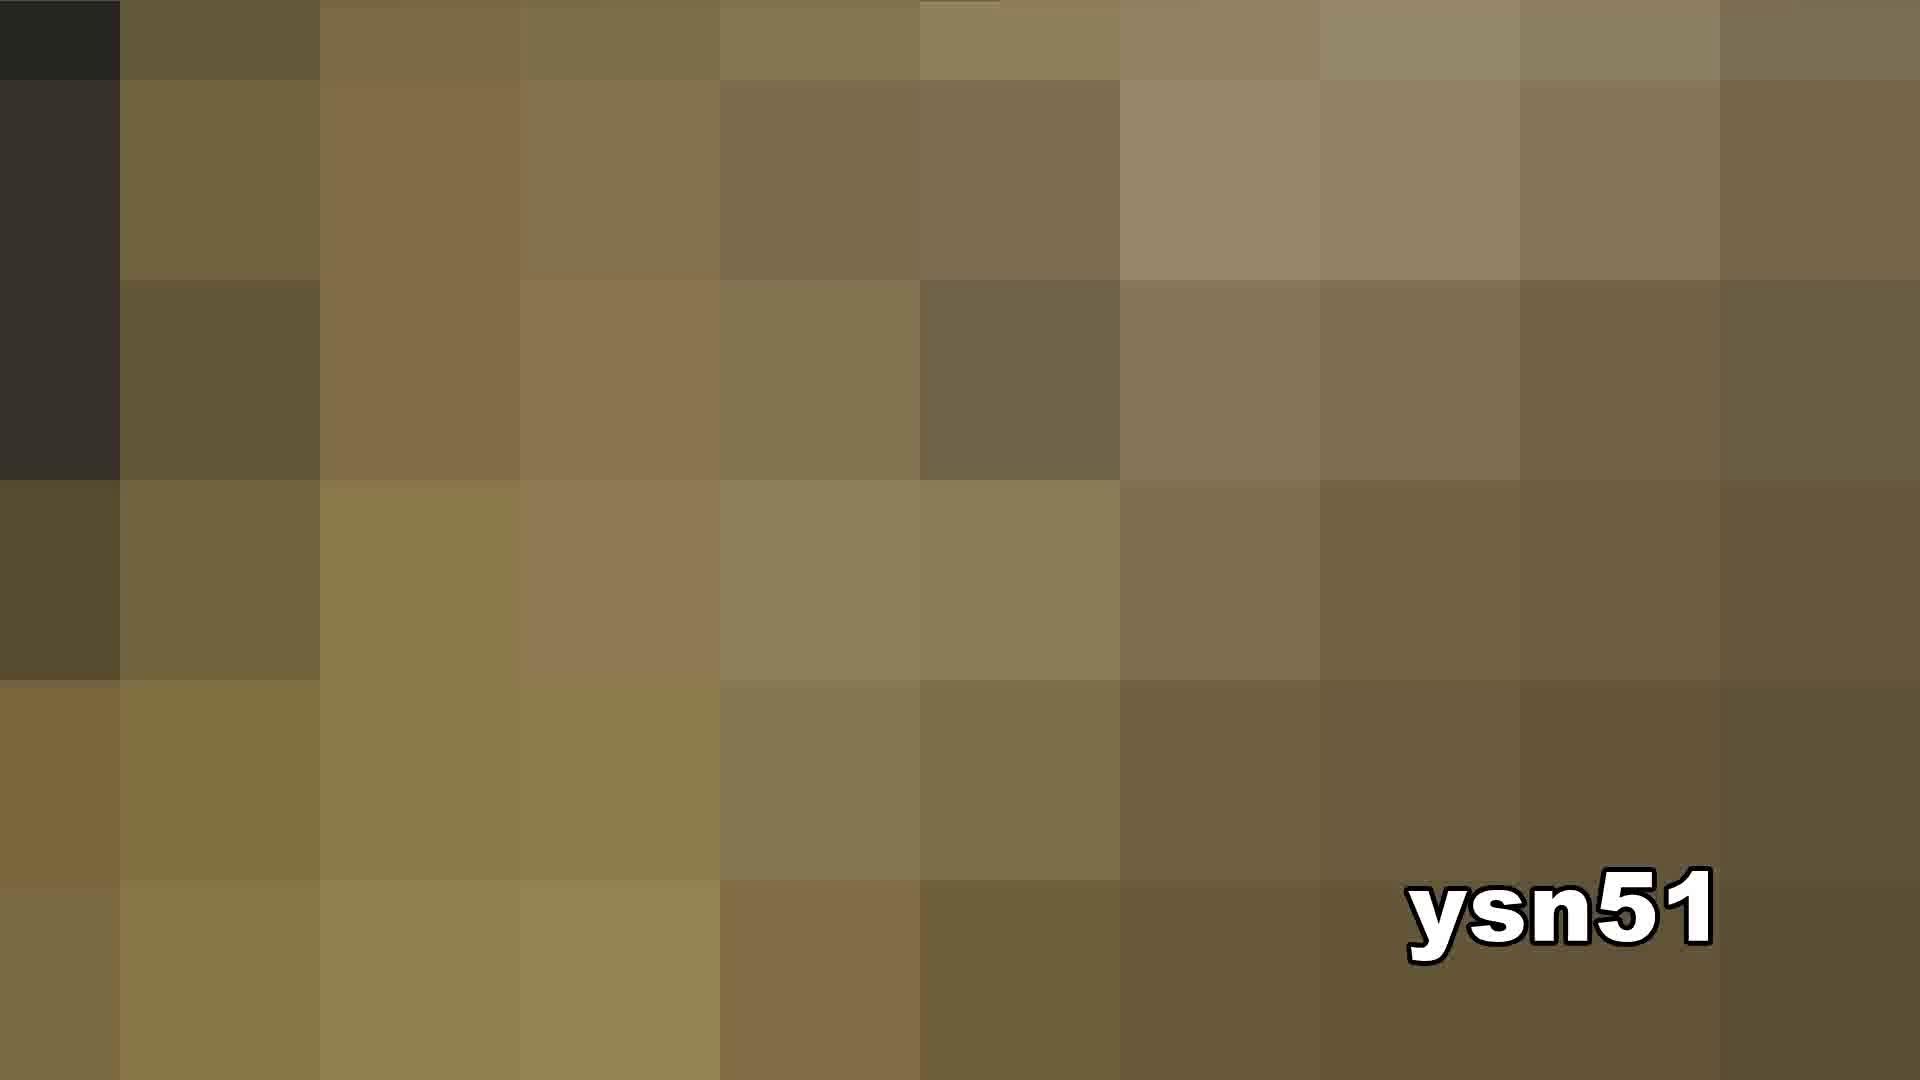 世界の射窓から vol.51 ゴージャスな… ギャル達 AV無料動画キャプチャ 109枚 62